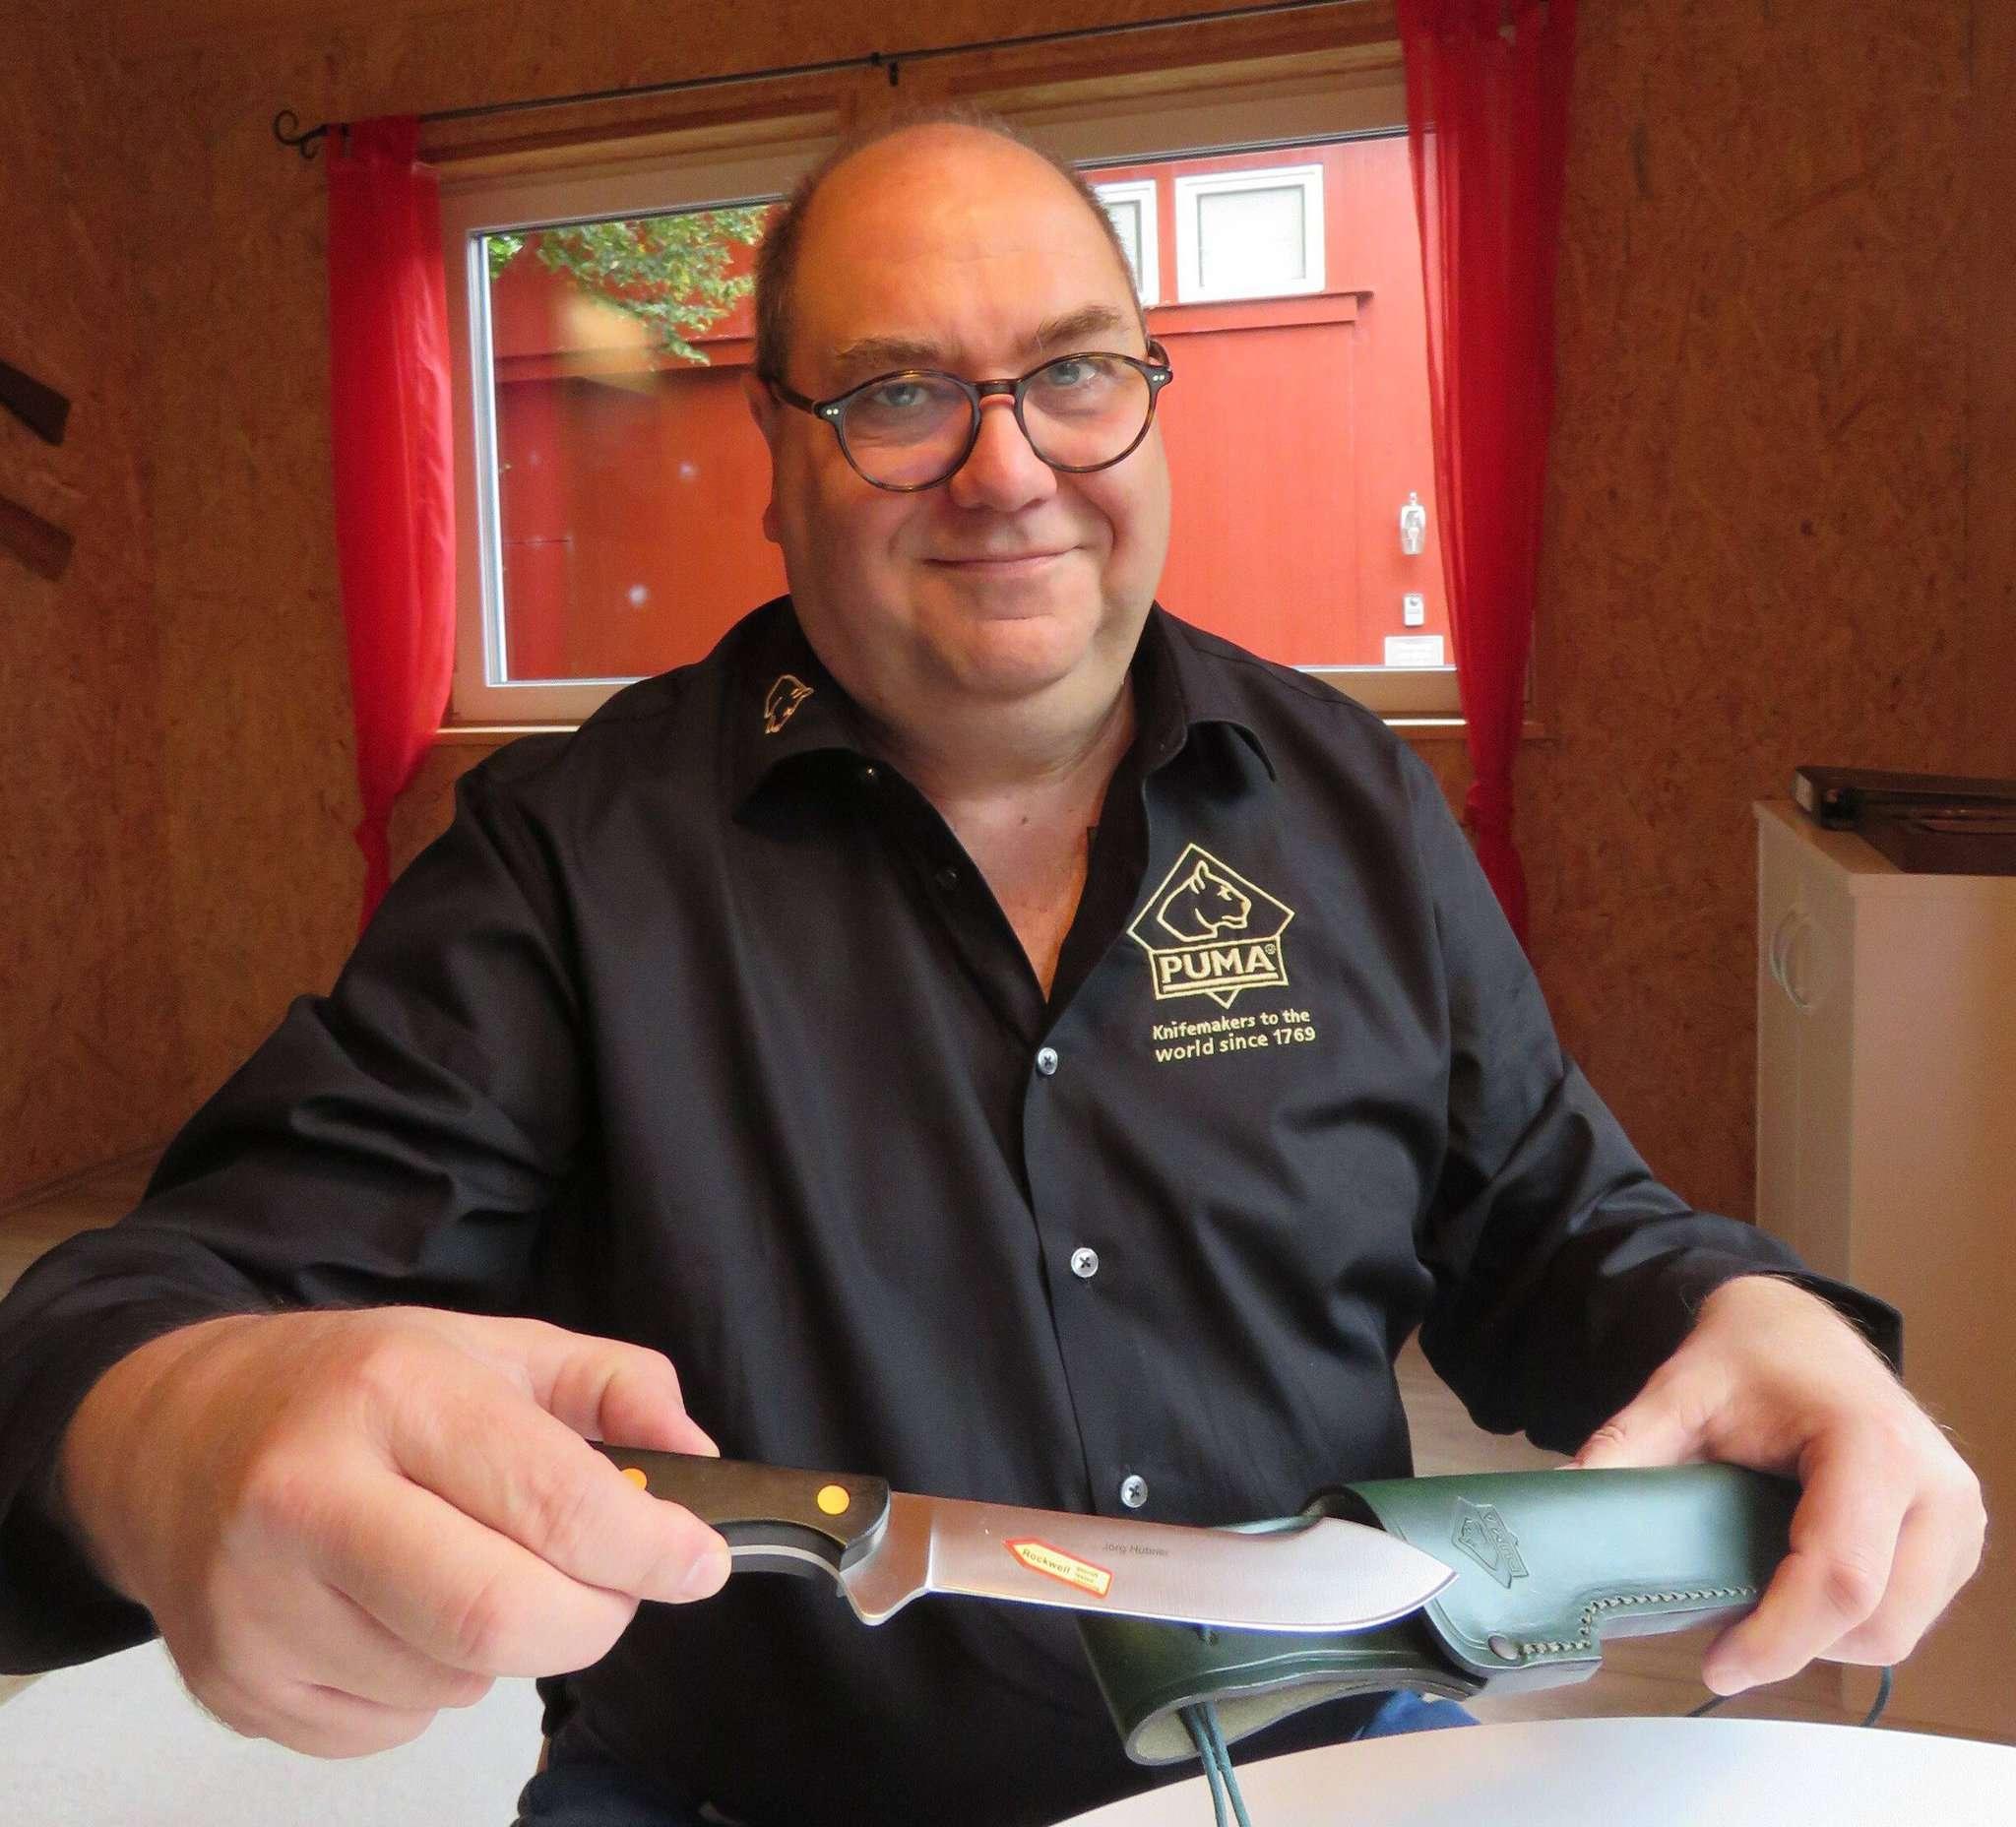 Der Ottersberger Messerdesigner Jörg Hübner bringt im März ein Buch über seine scharfe Leidenschaft heraus.  Foto: Elke Keppler-Rosenau